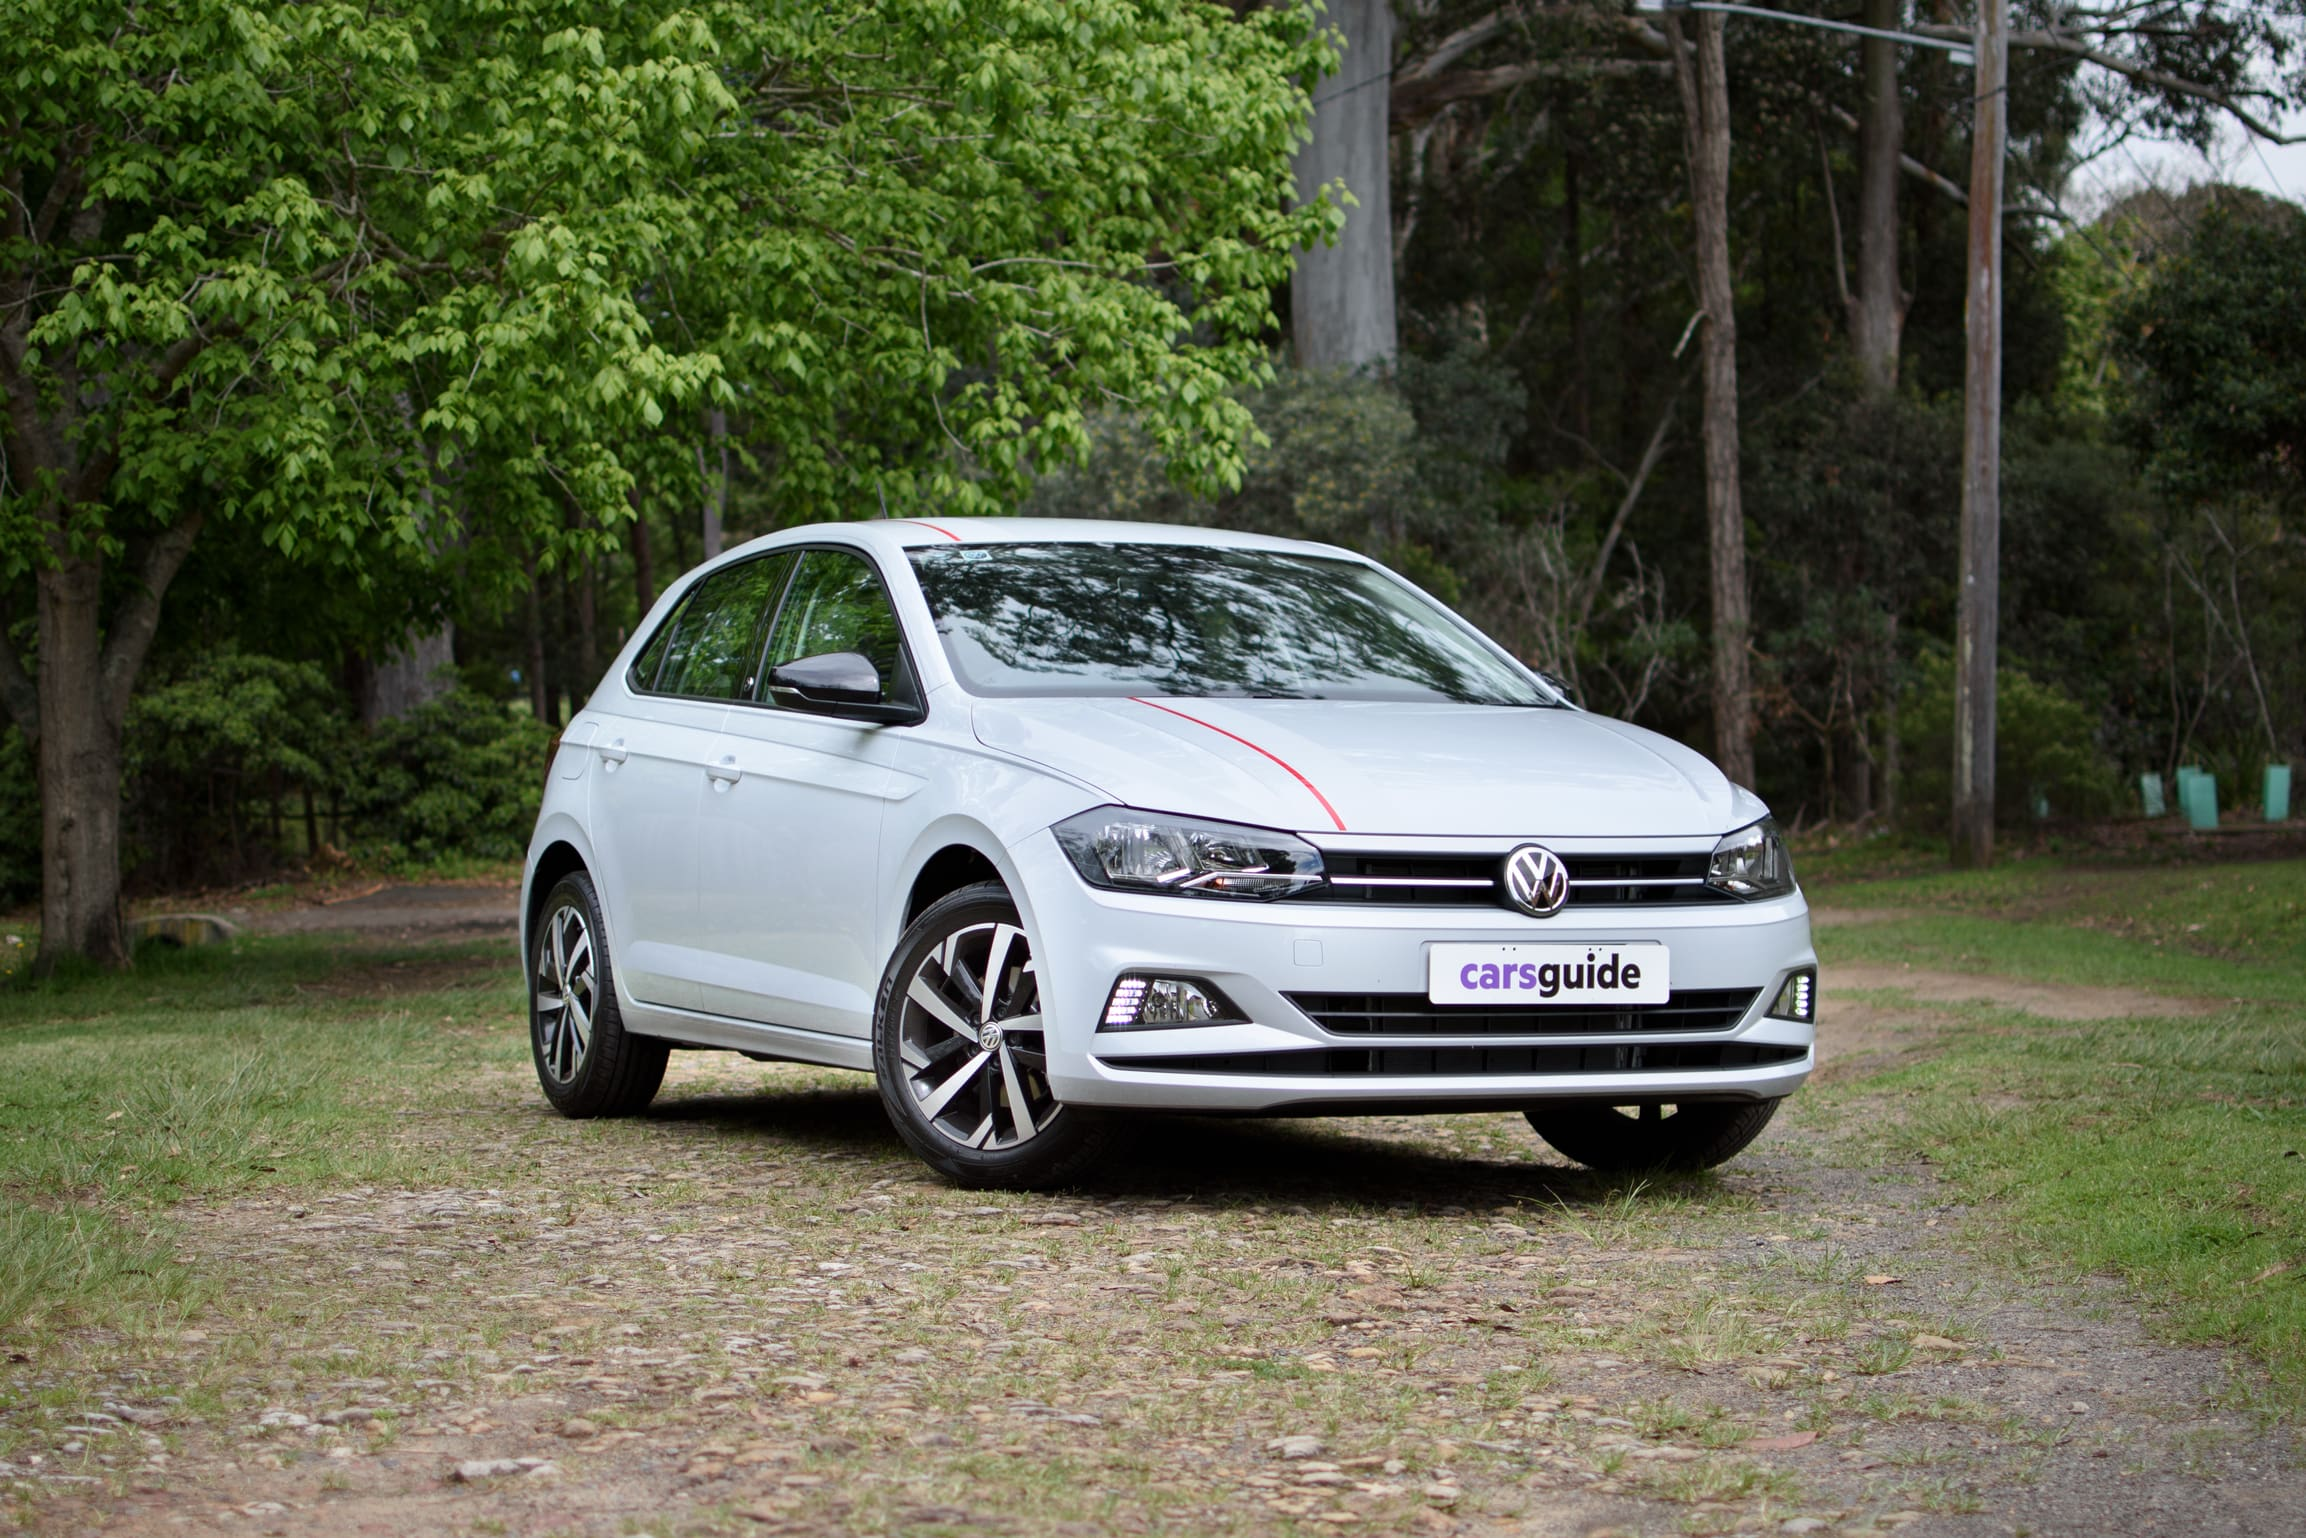 Volkswagen finance review